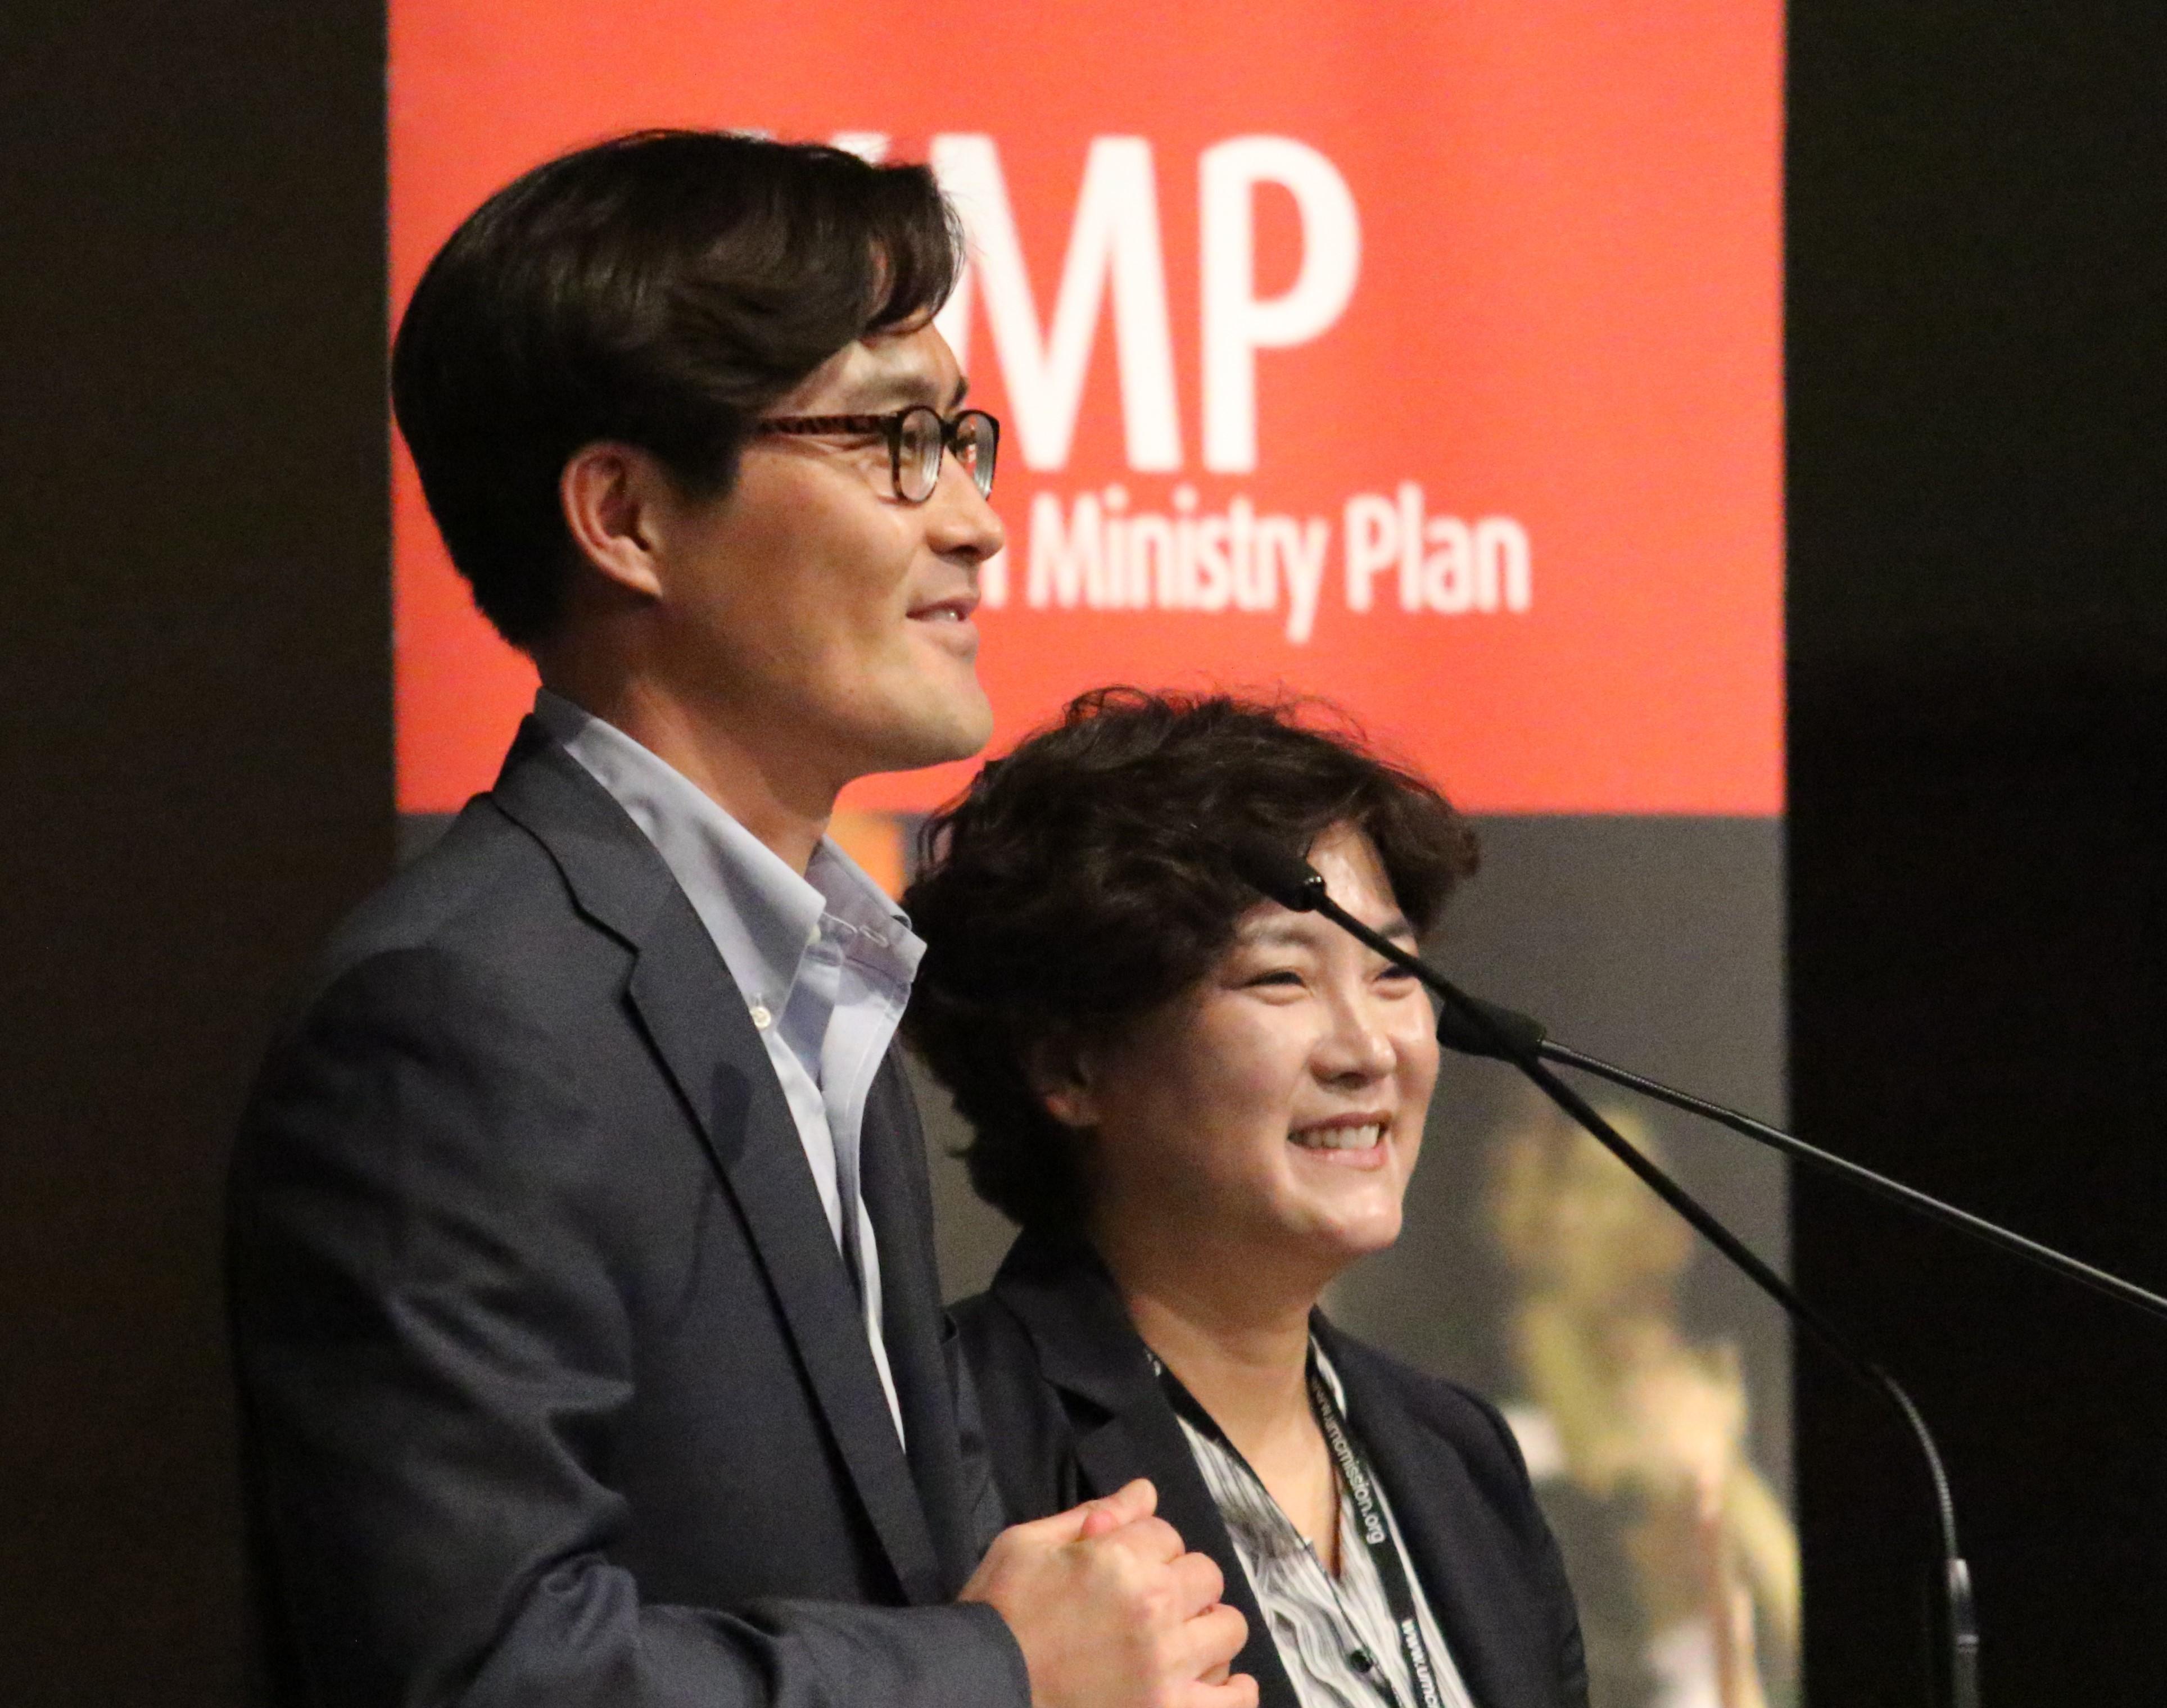 가한나 목사(오른쪽)와 김정민 목사가 2018년 11월 샌디아고에서 열린 한인목회강화협의회 연차회의에서 교회 개척에 대한 보고를 하고 있다. 사진 김응선 목사, UMNS.